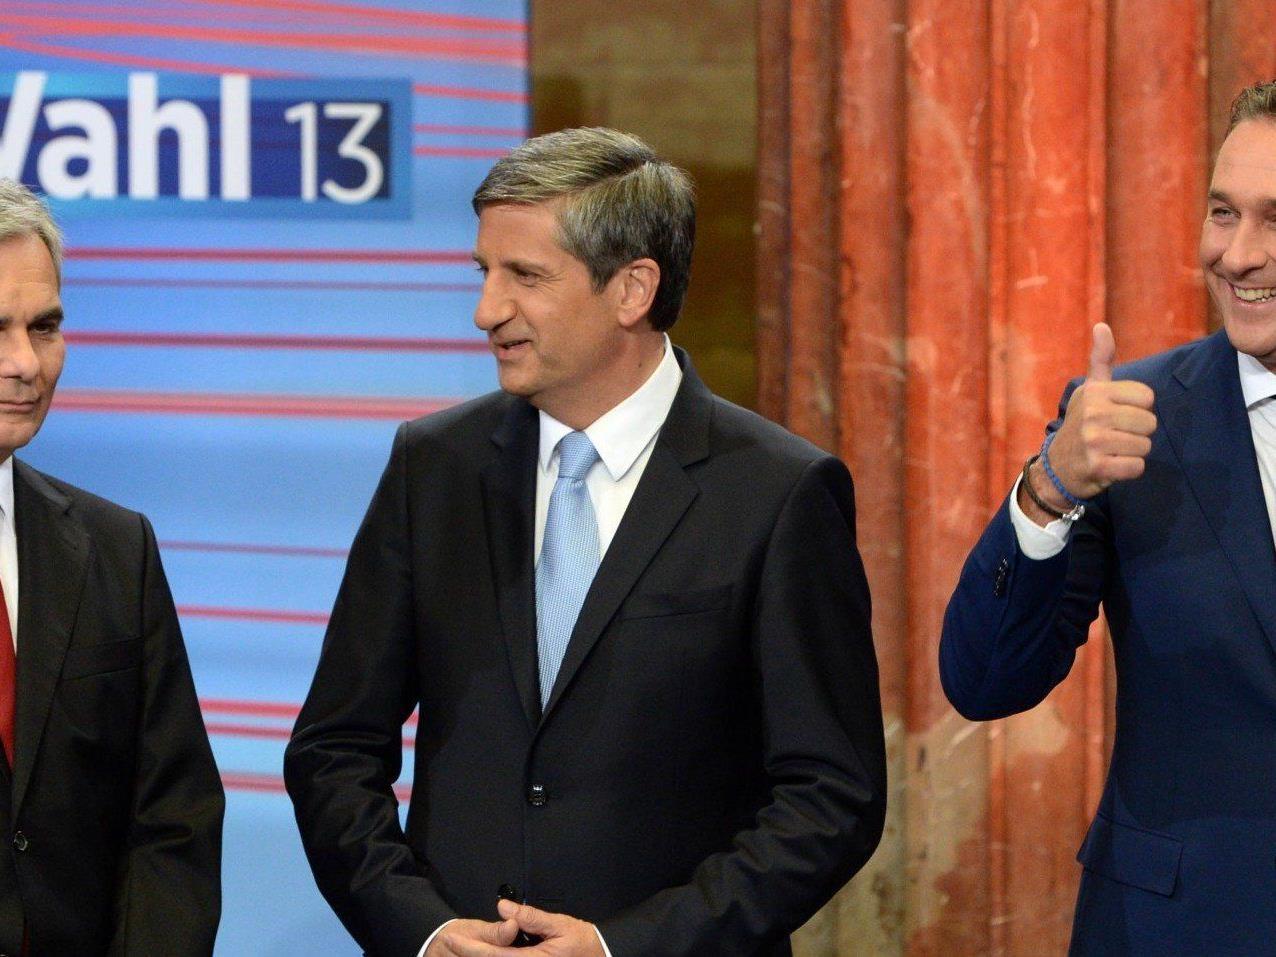 SPÖ-Chef Werner Faymann möchte nach der Nationalratswahl nur mit der ÖVP verhandeln.